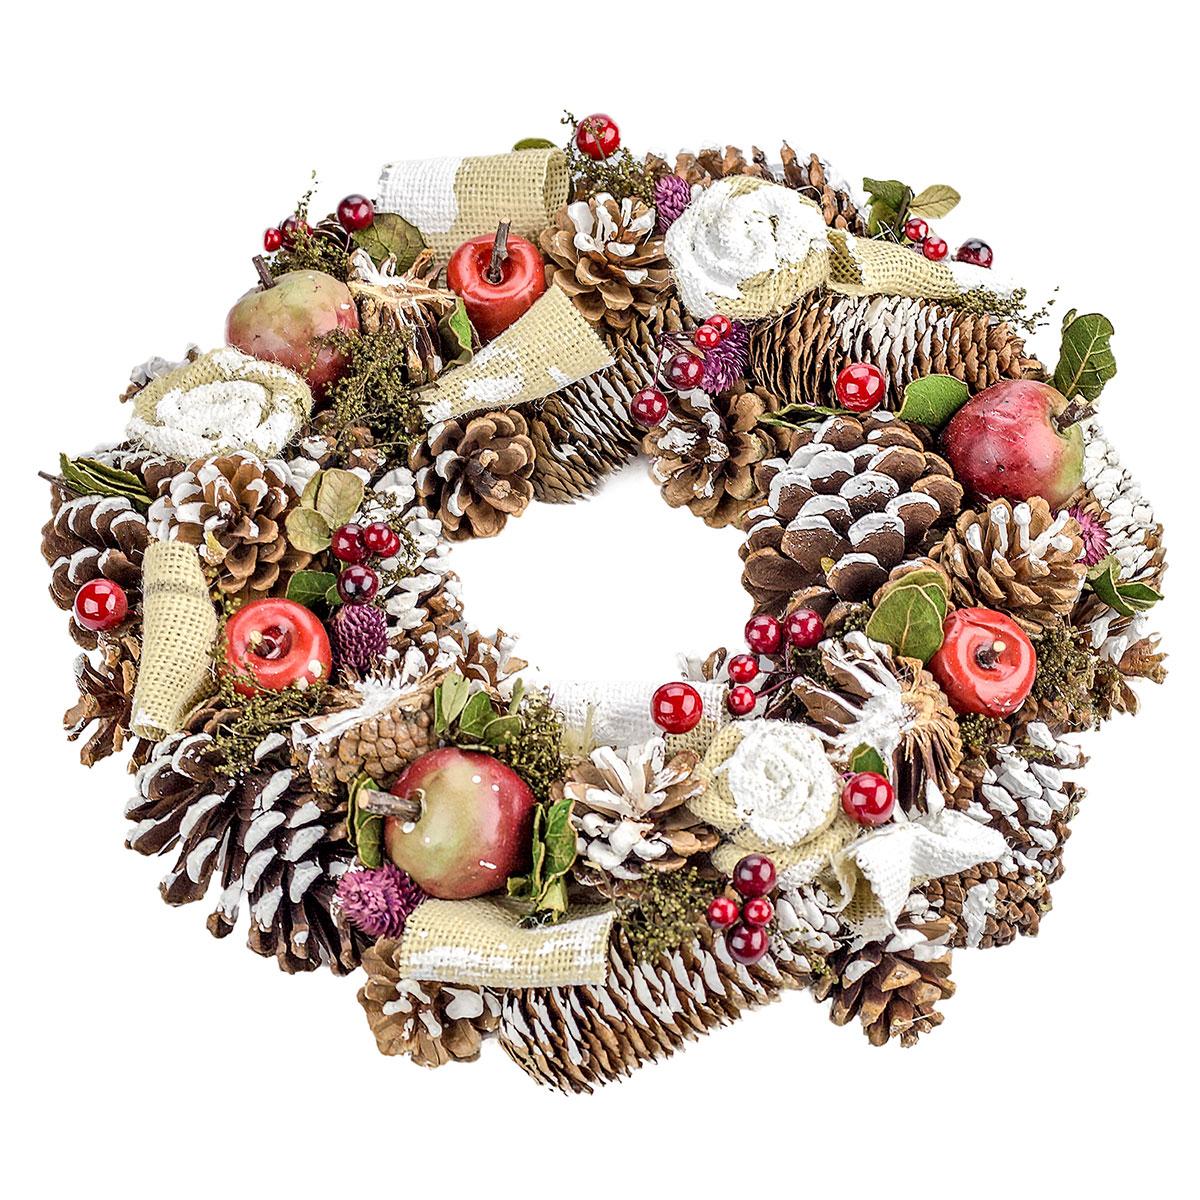 Weihnachtsdeko Kranz weihnachtskranz, türkranz, dekokranz, kranz, weihnachtsdeko, Ø ca